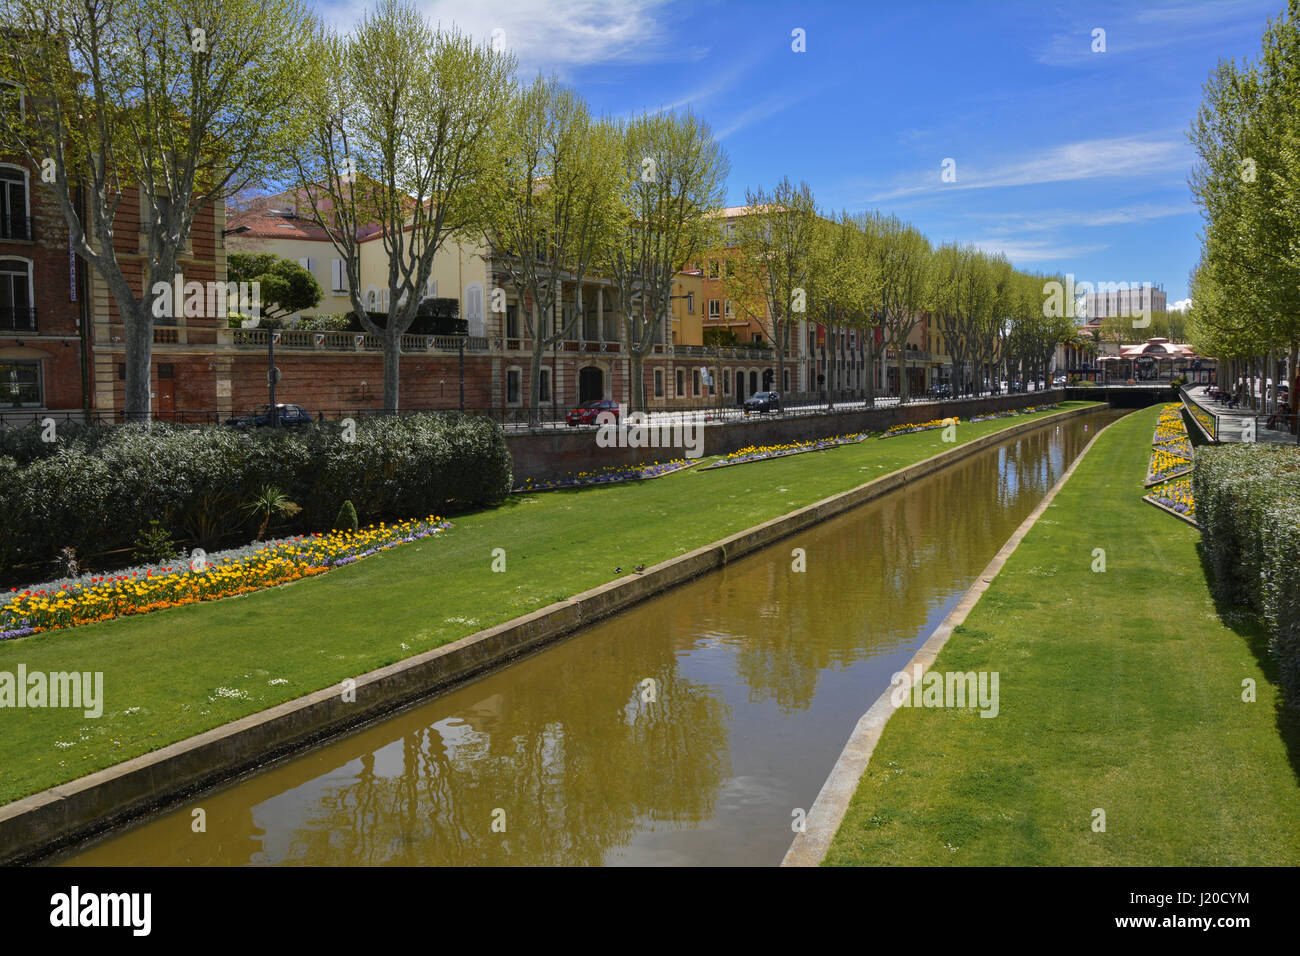 La Basse canal au centre-ville de Perpignan sur une journée ensoleillée de printemps Photo Stock